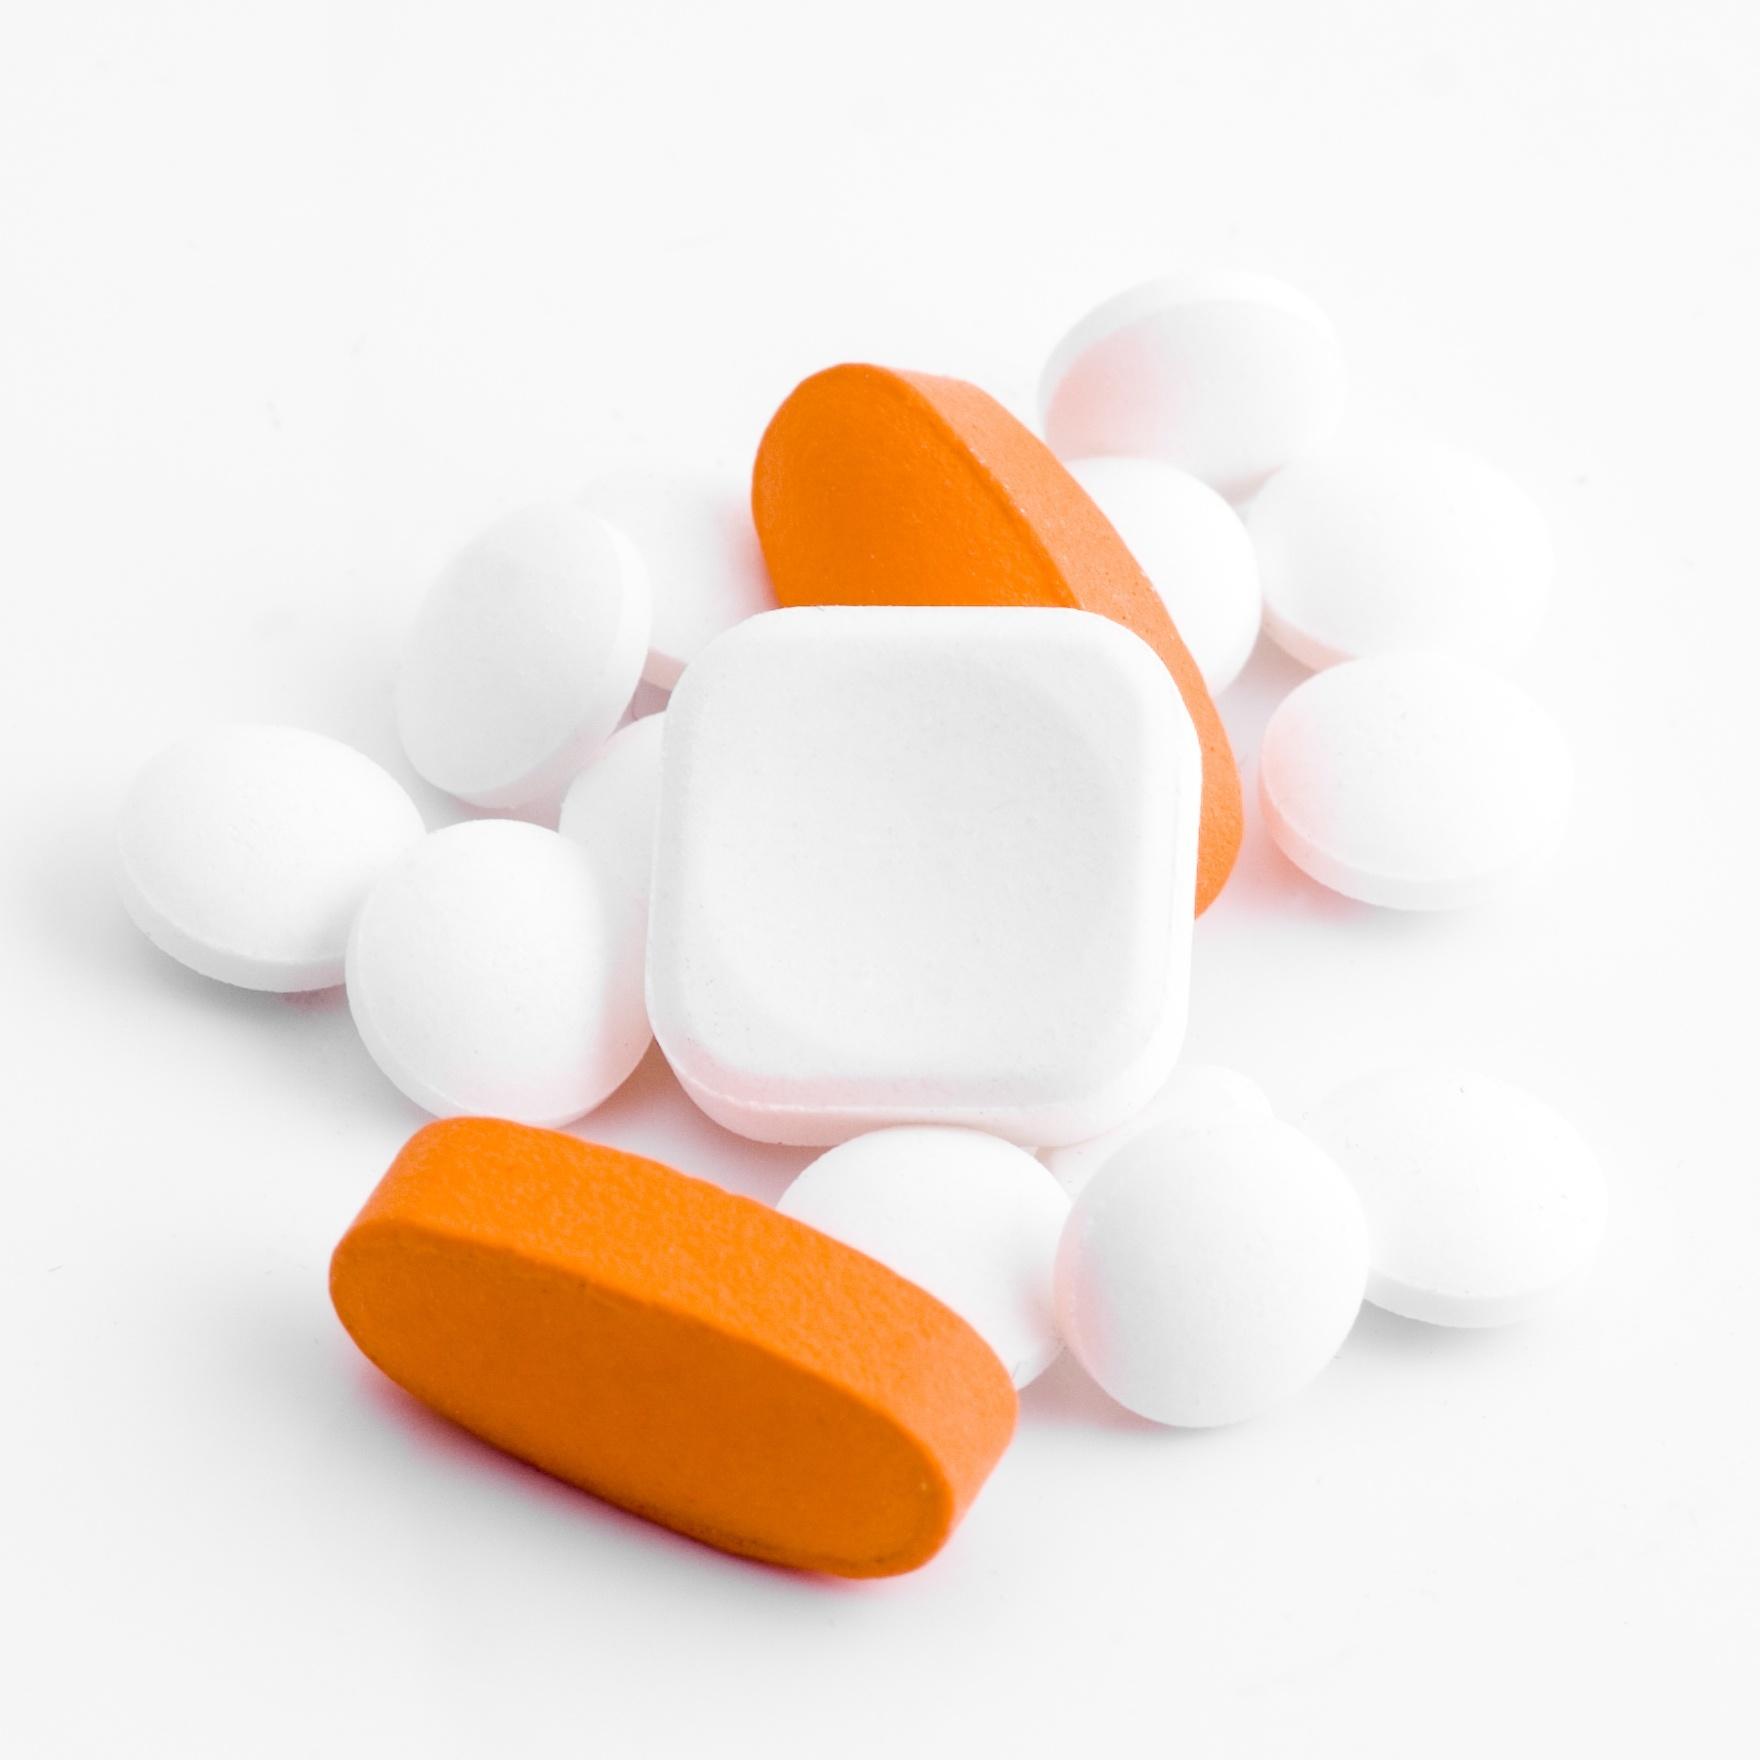 'Zelfzorgmiddel veel goedkoper dan doktersrecept' - Nieuws   Gezondheidsplein.nl